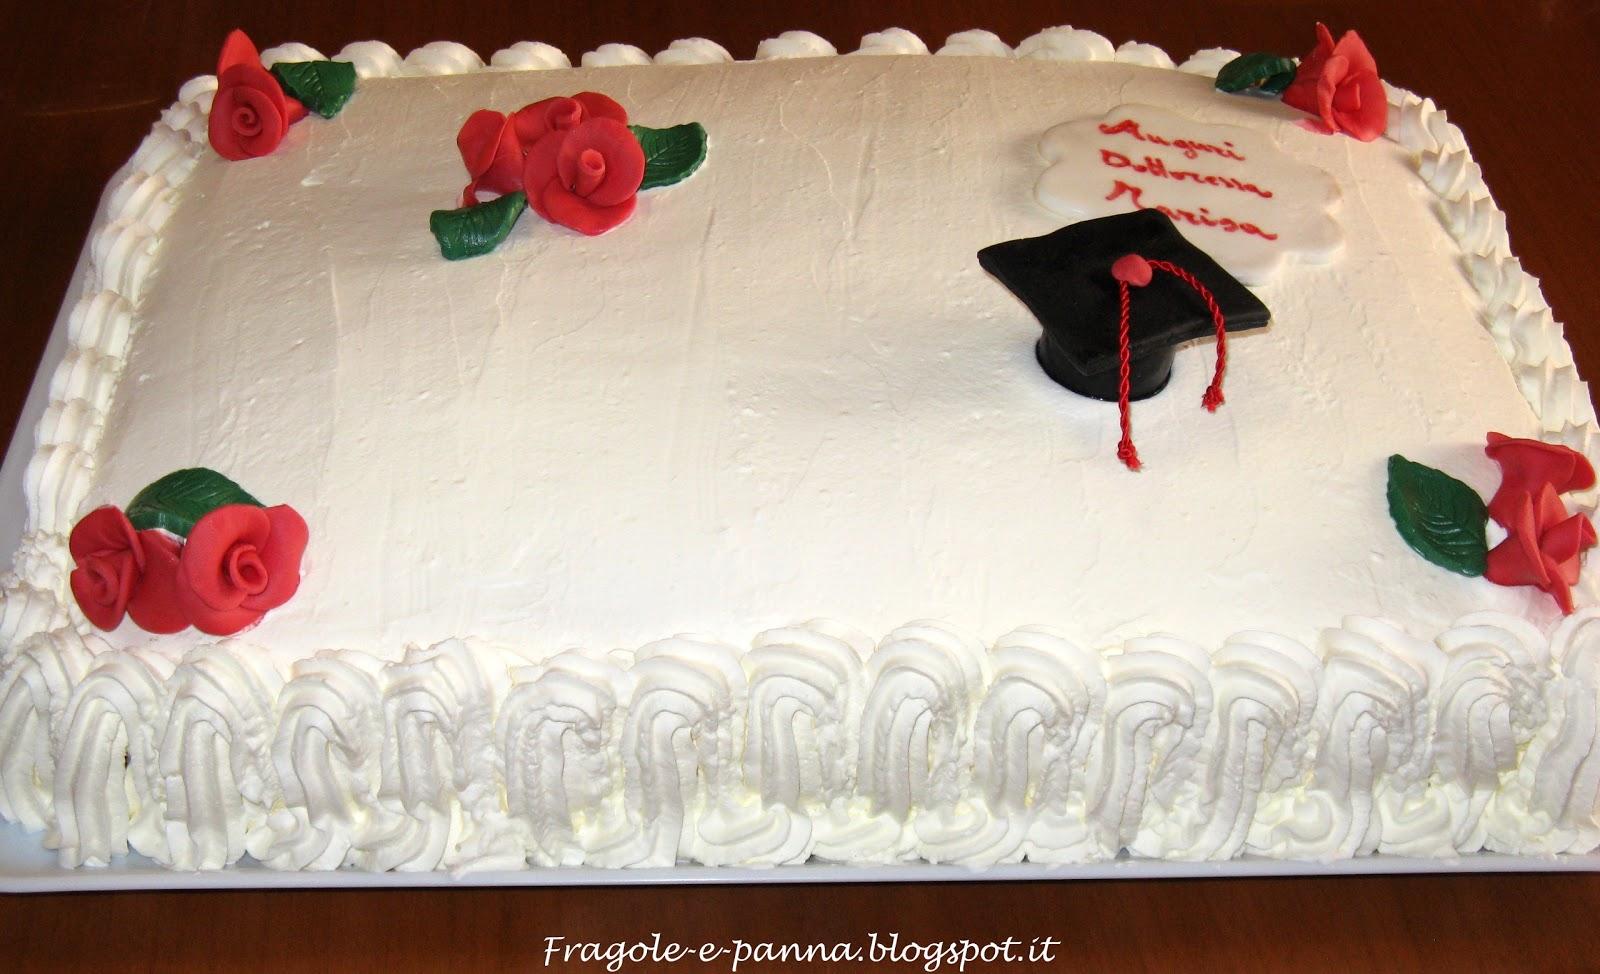 Torta laurea 2 by fragole e panna pagina 1 for Decorazioni per torte di laurea